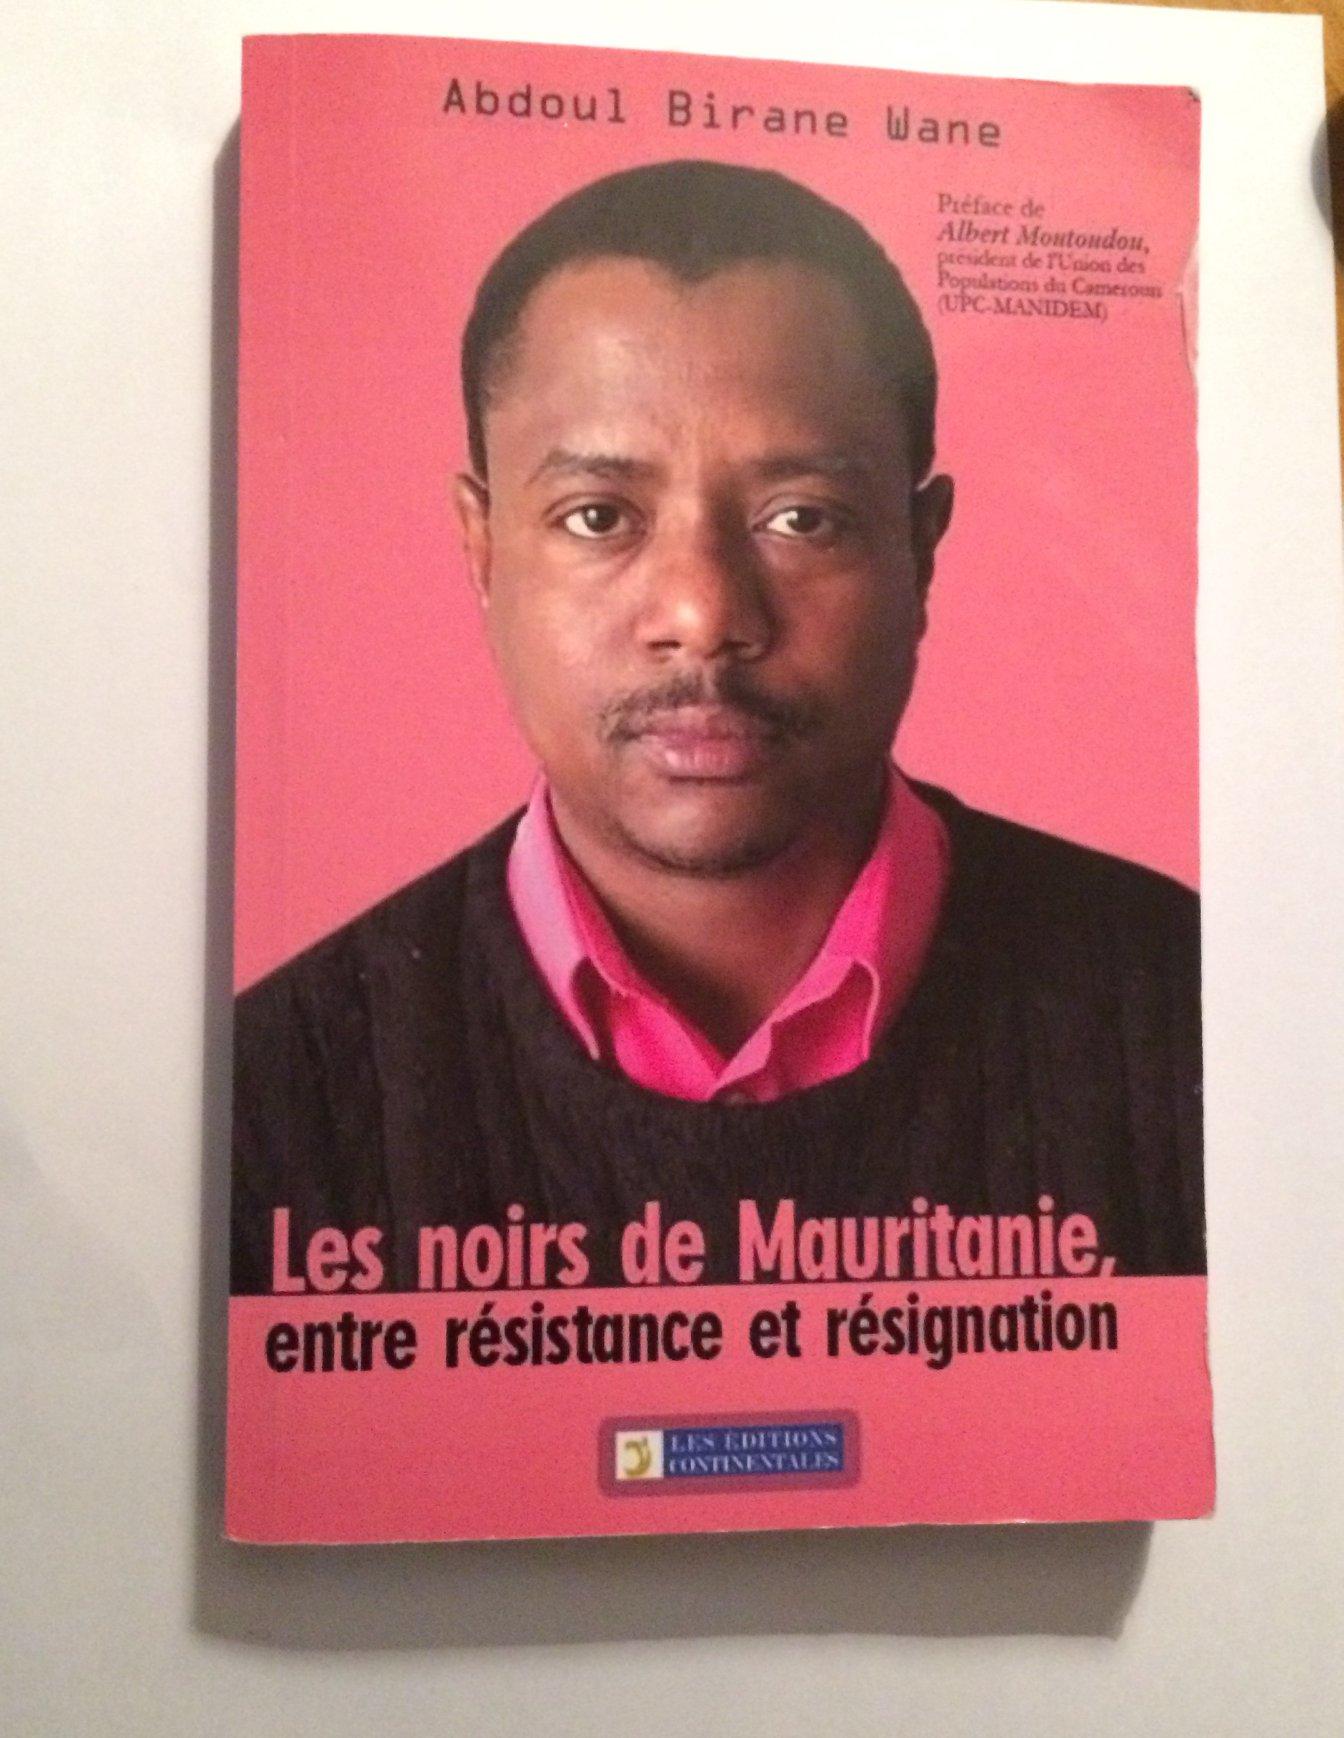 Parution:« Les  noirs de  Mauritanie, entre résistance et résignation » / Abdoul Birane Wane